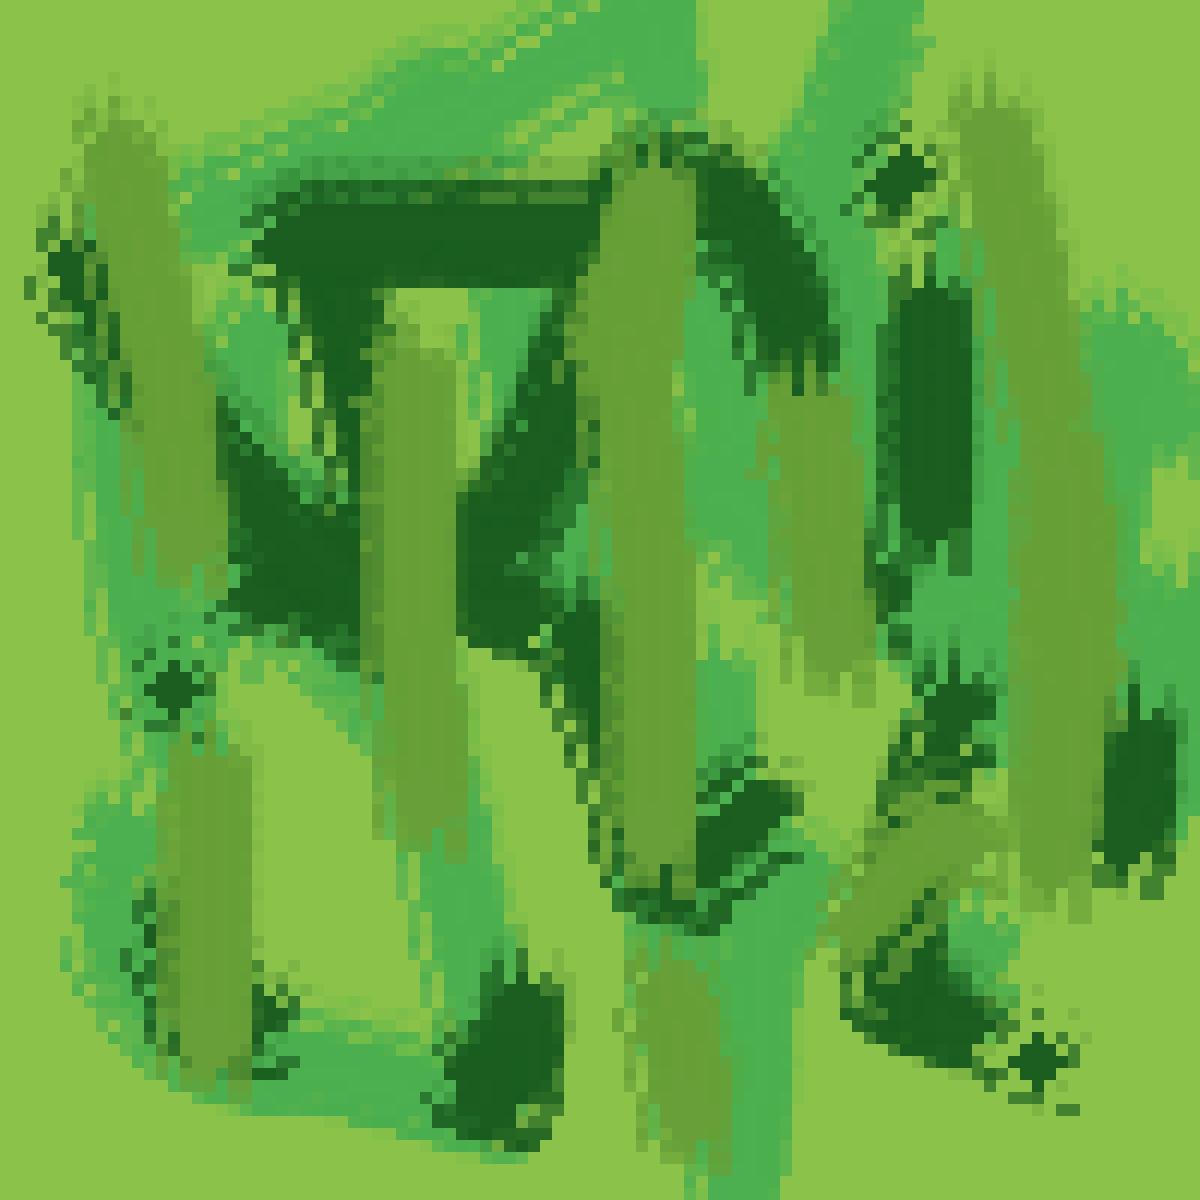 main-image-Spray-painted grass  by RandomRaptor556